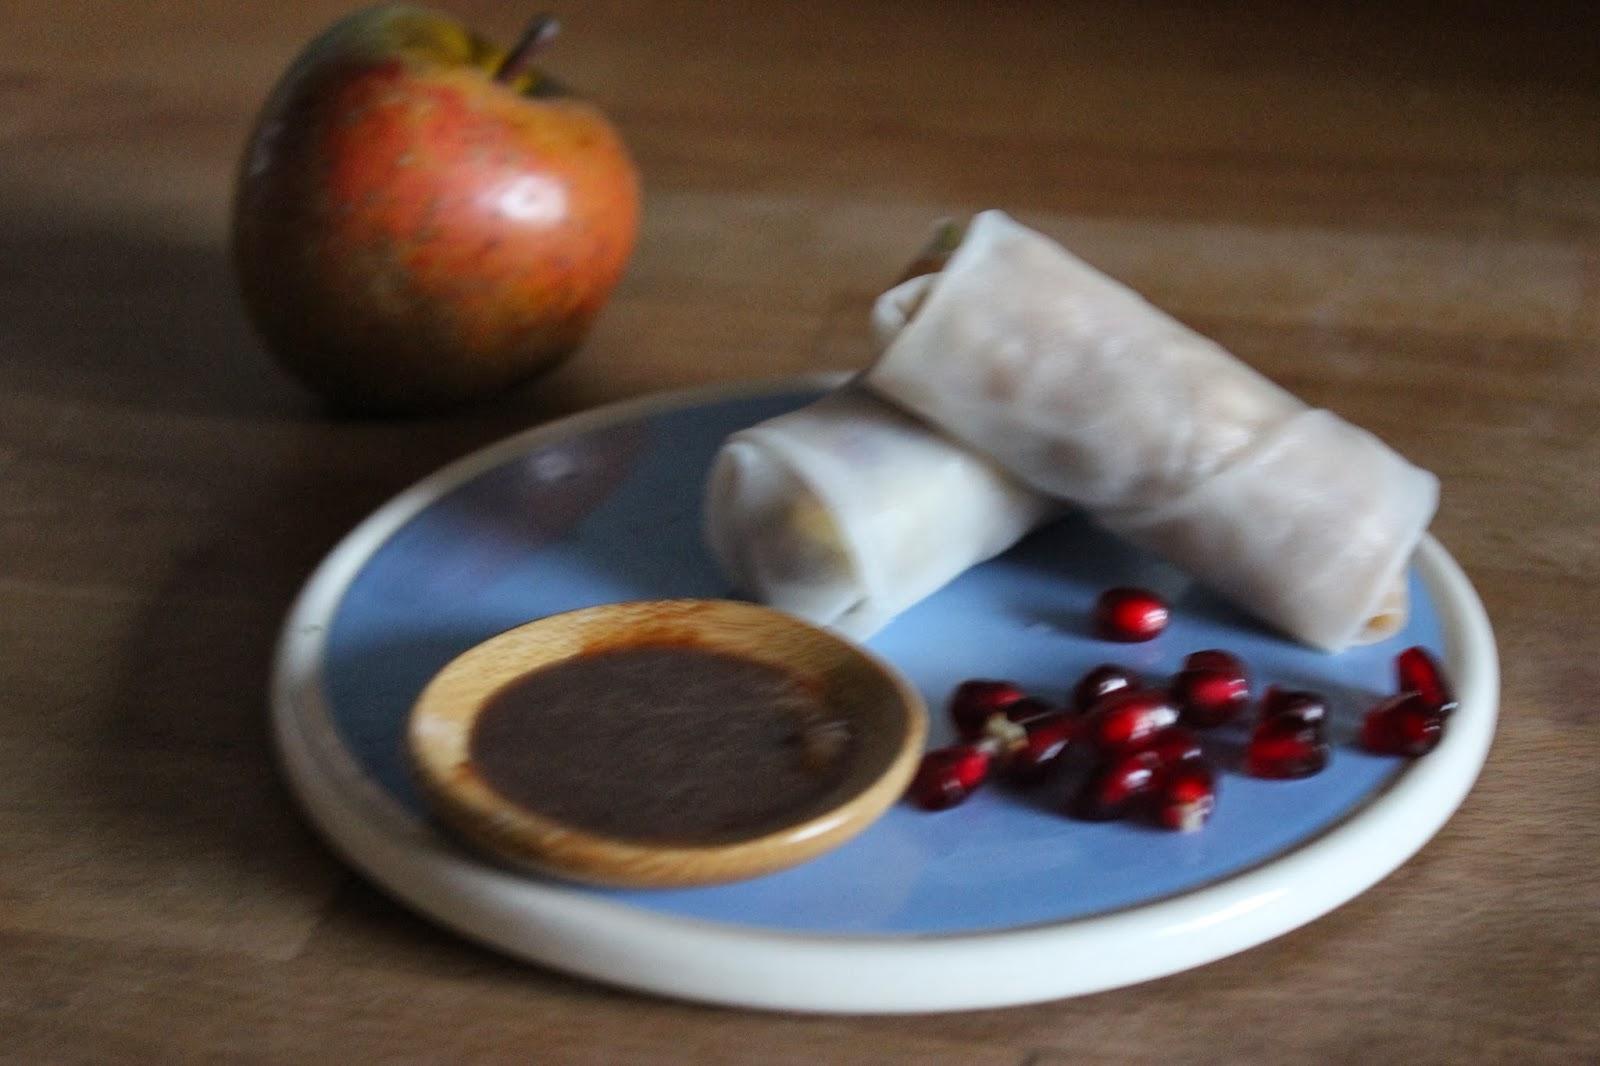 https://cuillereetsaladier.blogspot.com/2013/11/rouleaux-de-printemps-sucres-sauce.html